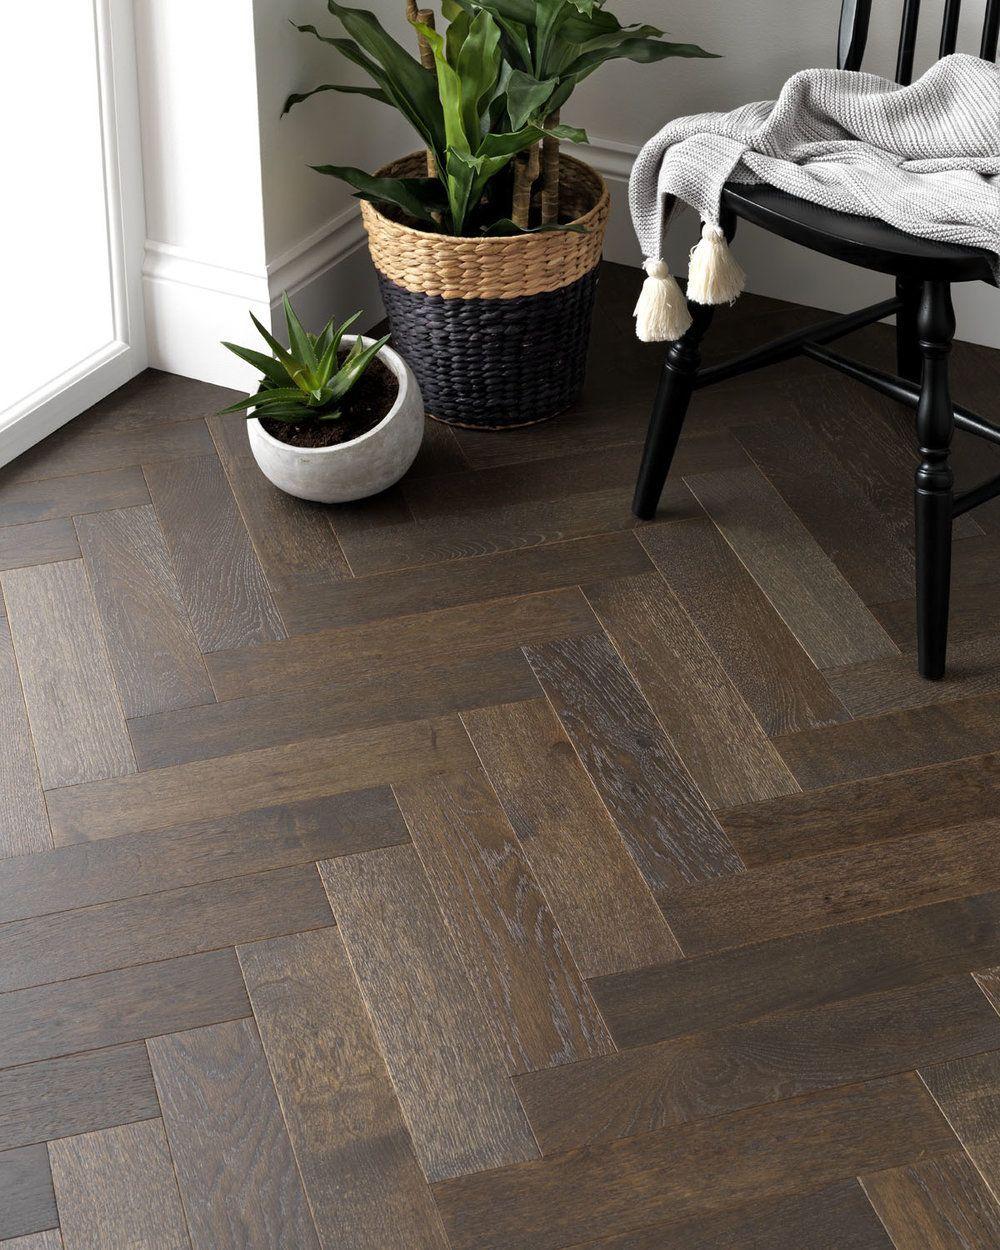 Floor Design In 2020 Wood Parquet Flooring Oak Parquet Flooring Natural Wood Flooring